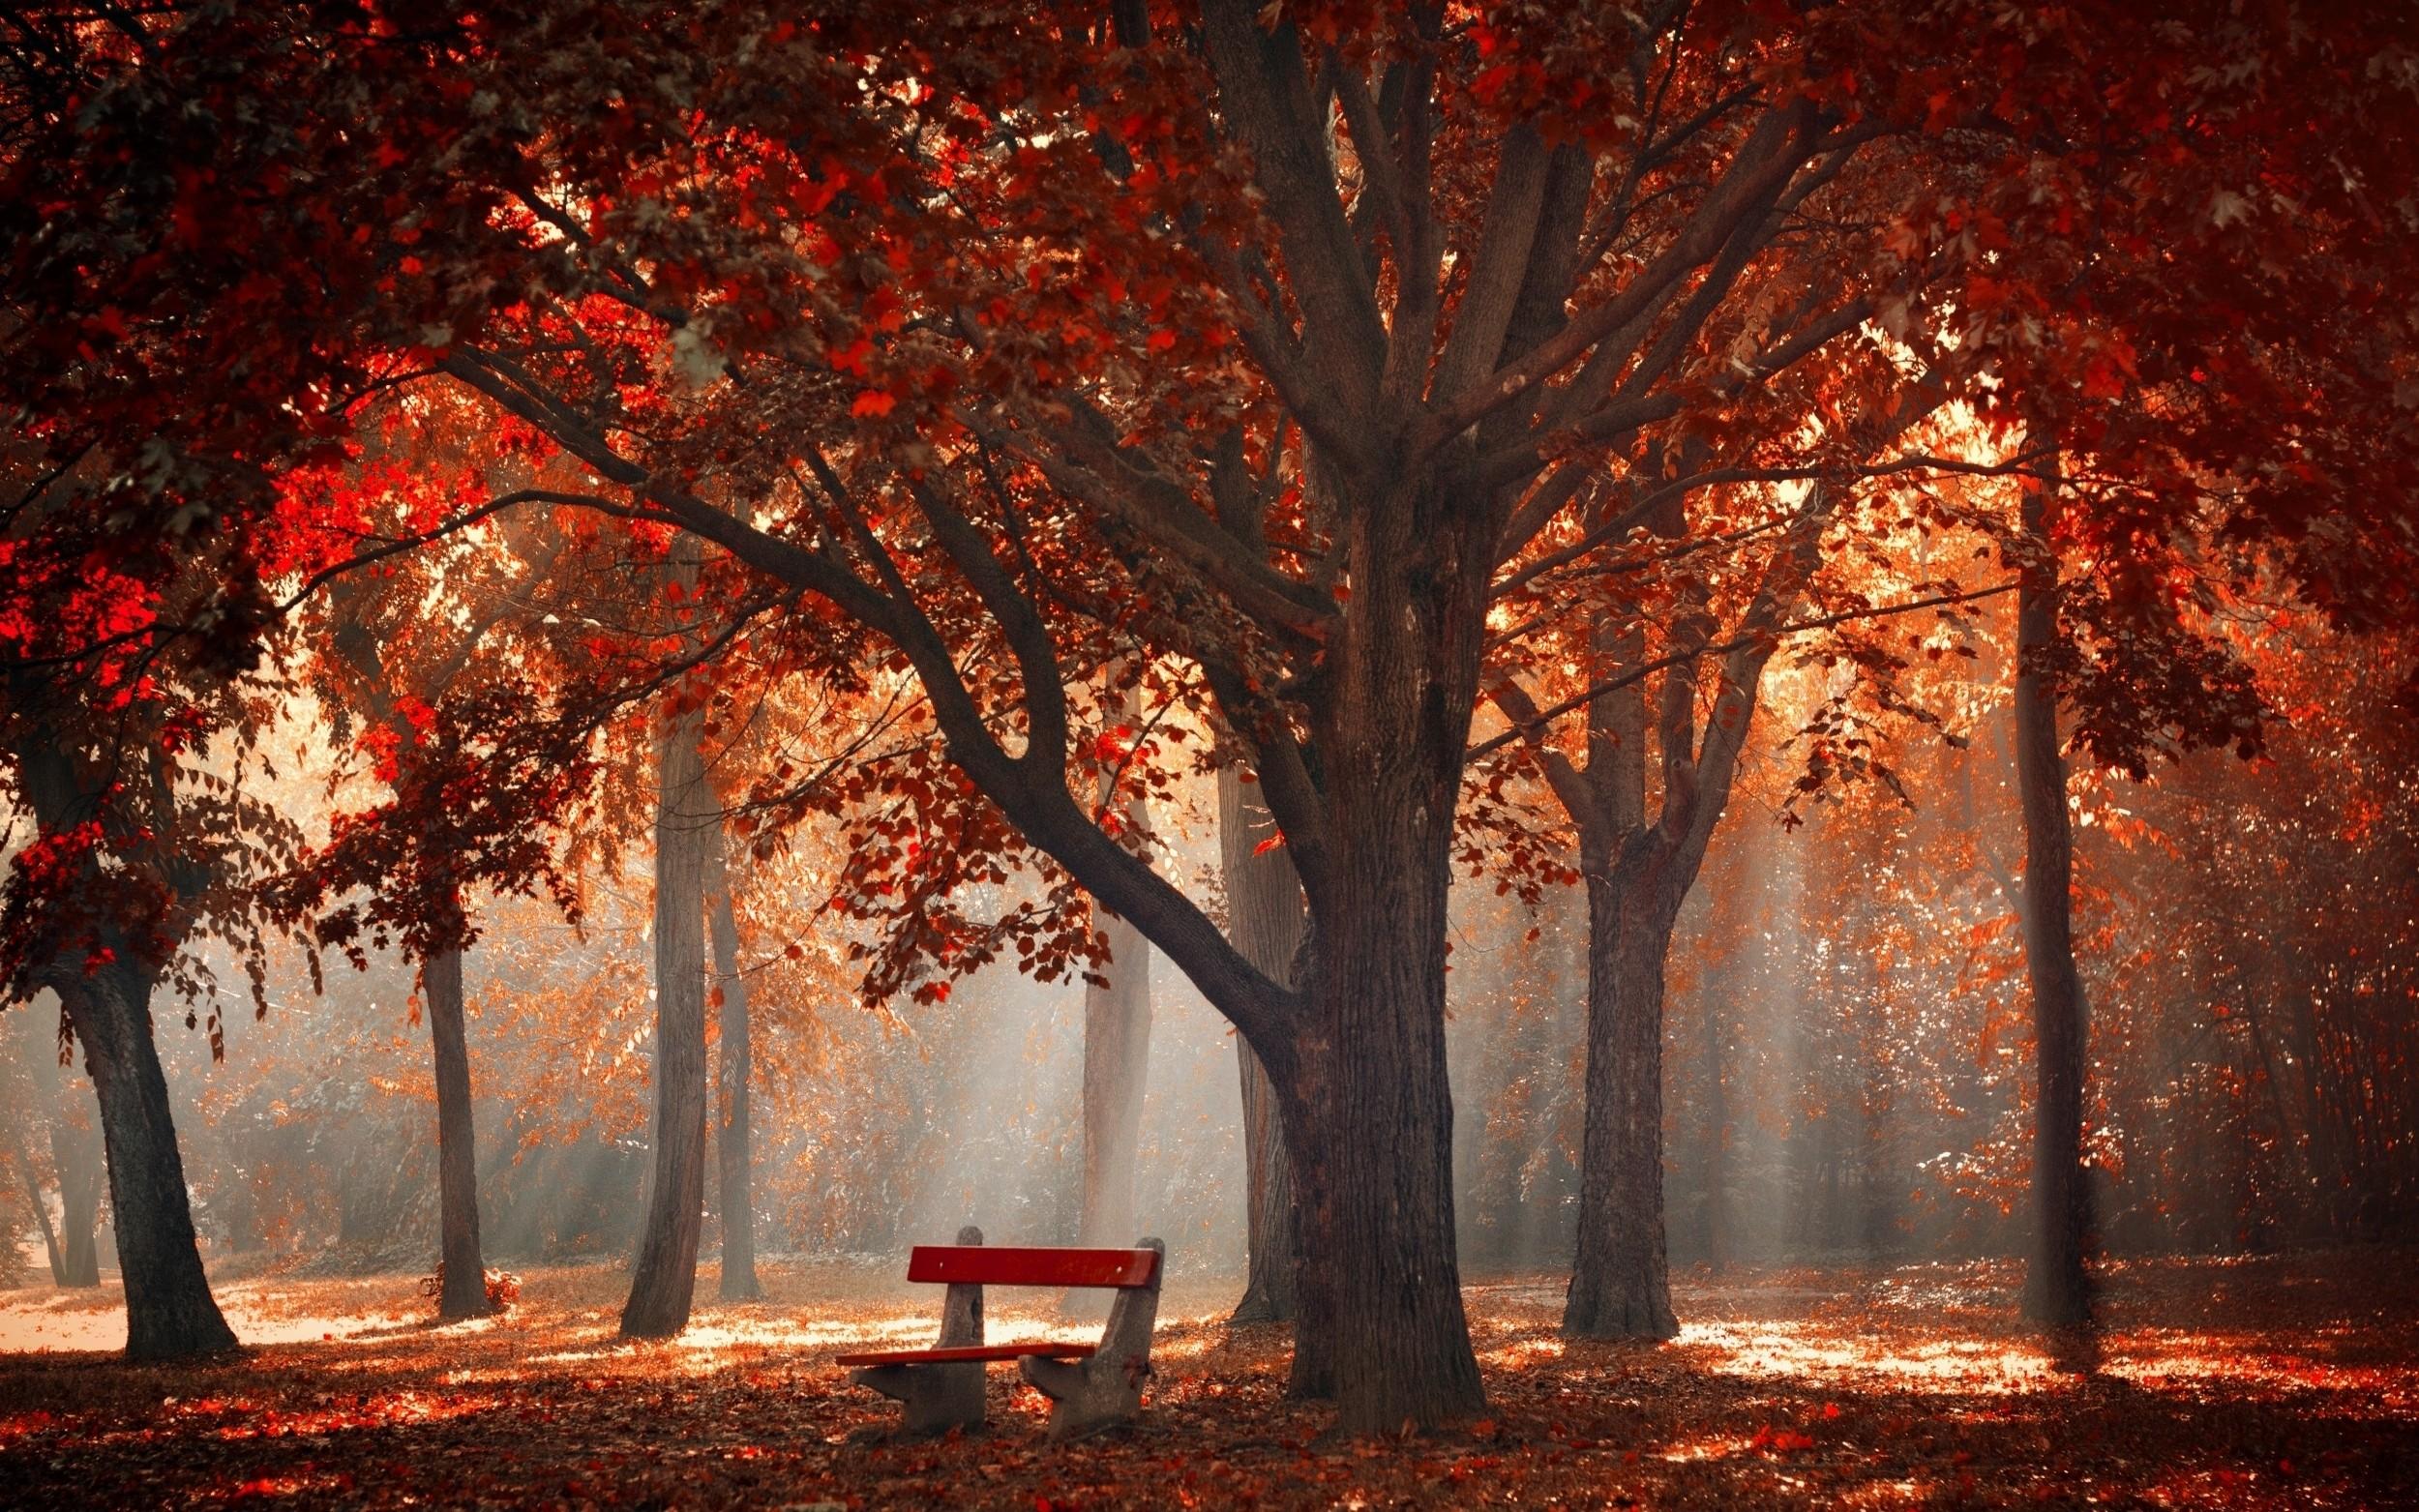 Mystical Fall Desktop Wallpaper Wallpaper Sunlight Trees Landscape Forest Fall